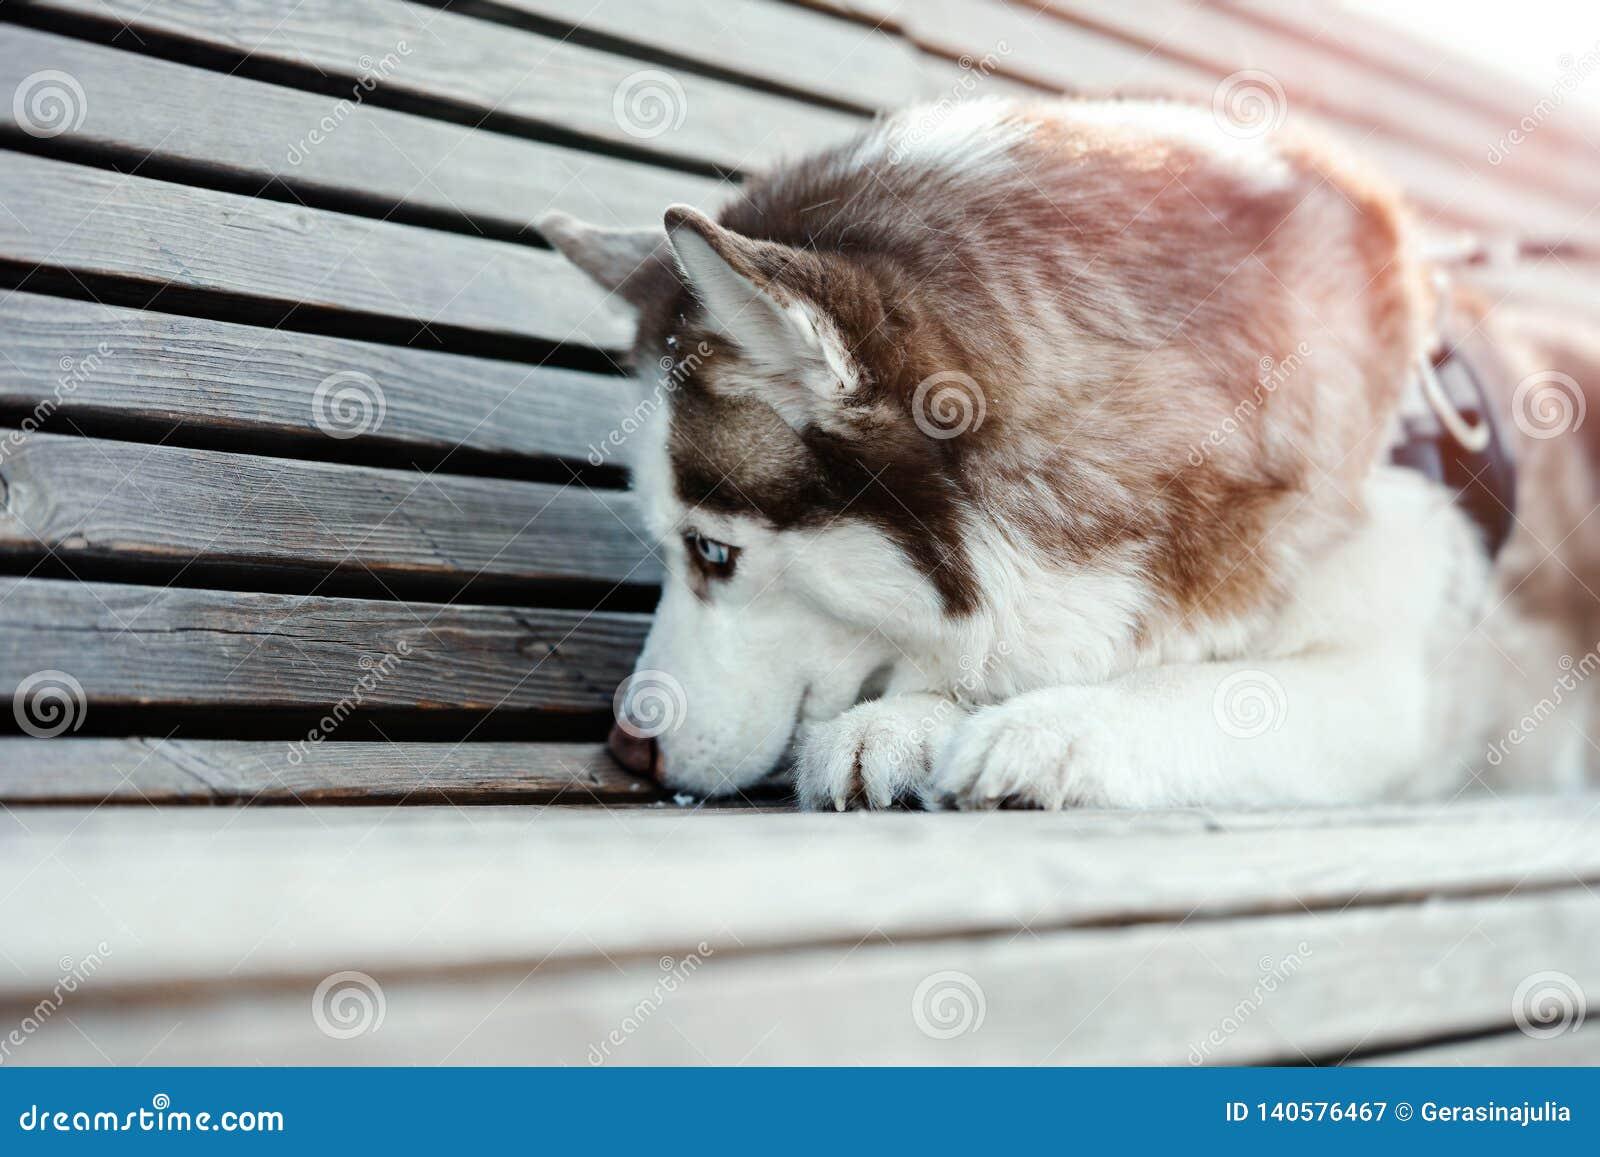 Portrait de chien enroué sibérien mignon triste sur une promenade Le chien a perdu son propriétaire